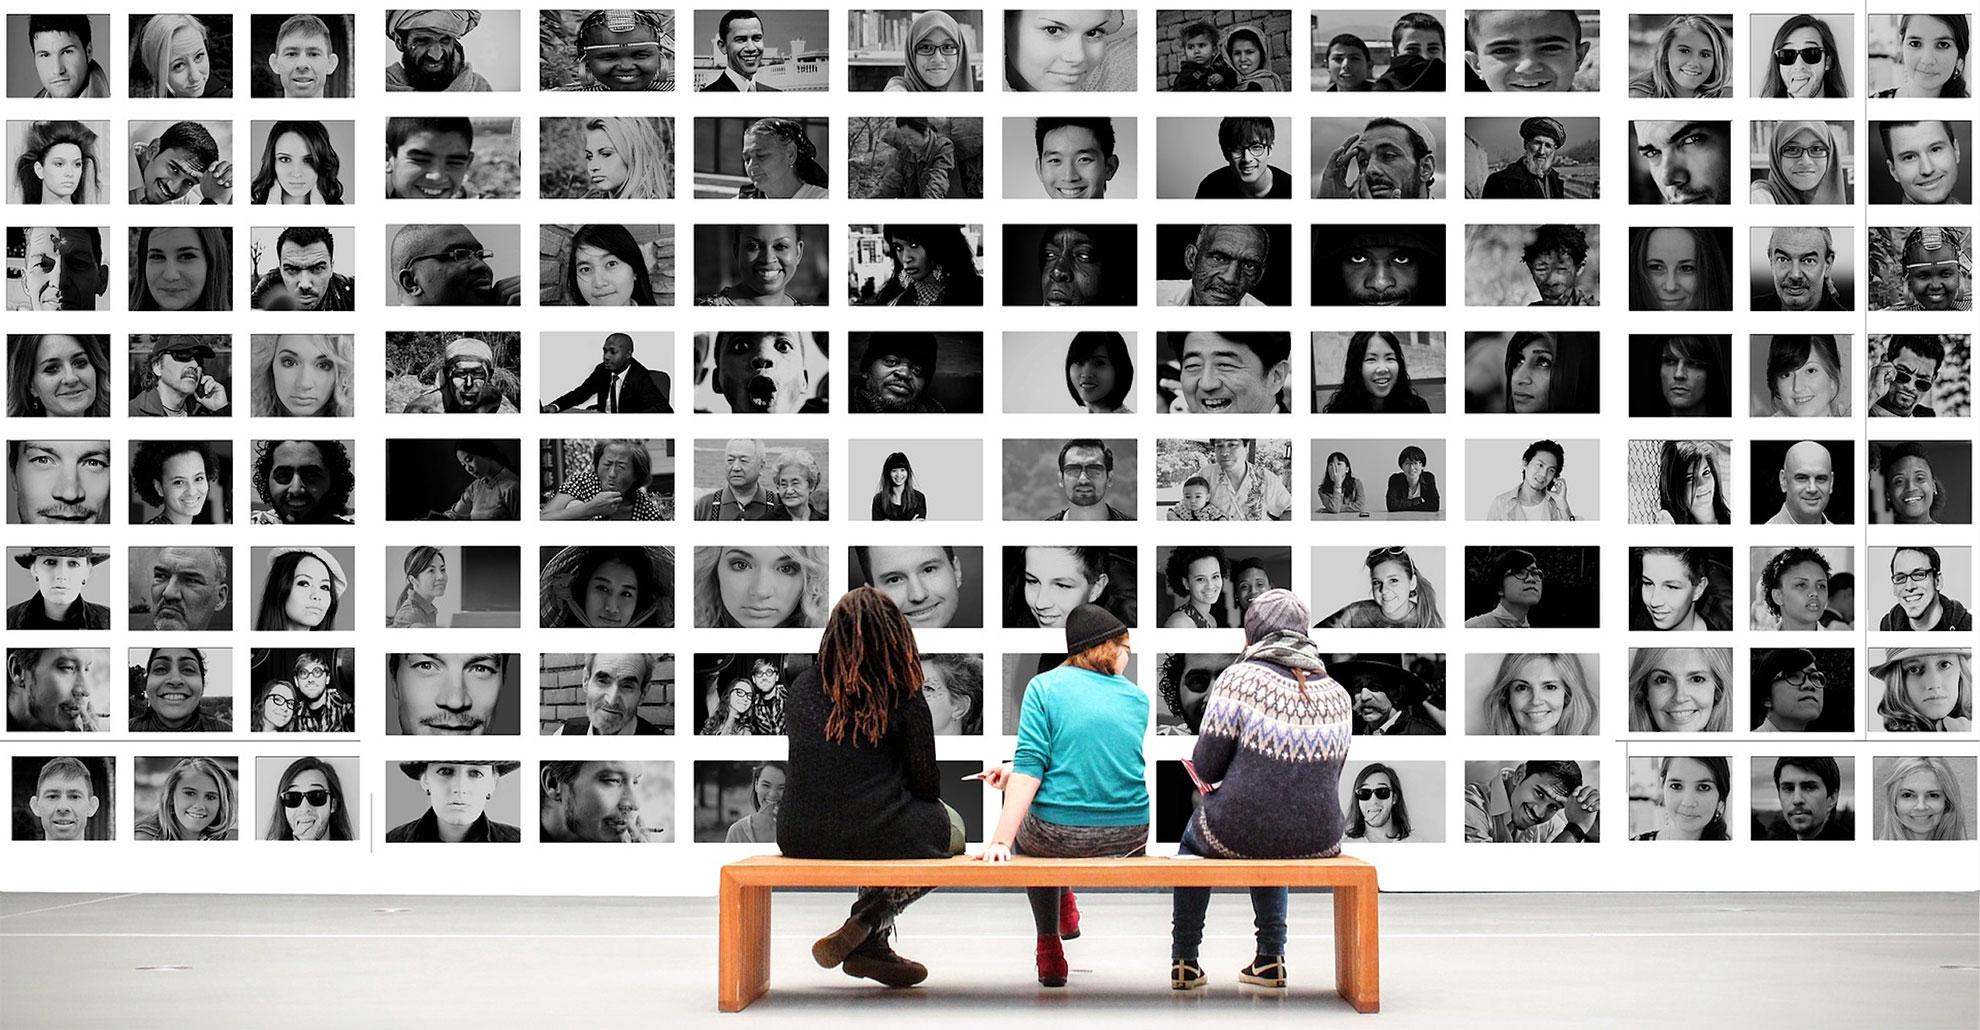 Acquisire-Clienti-Persone-davanti-a-foto-di-volti